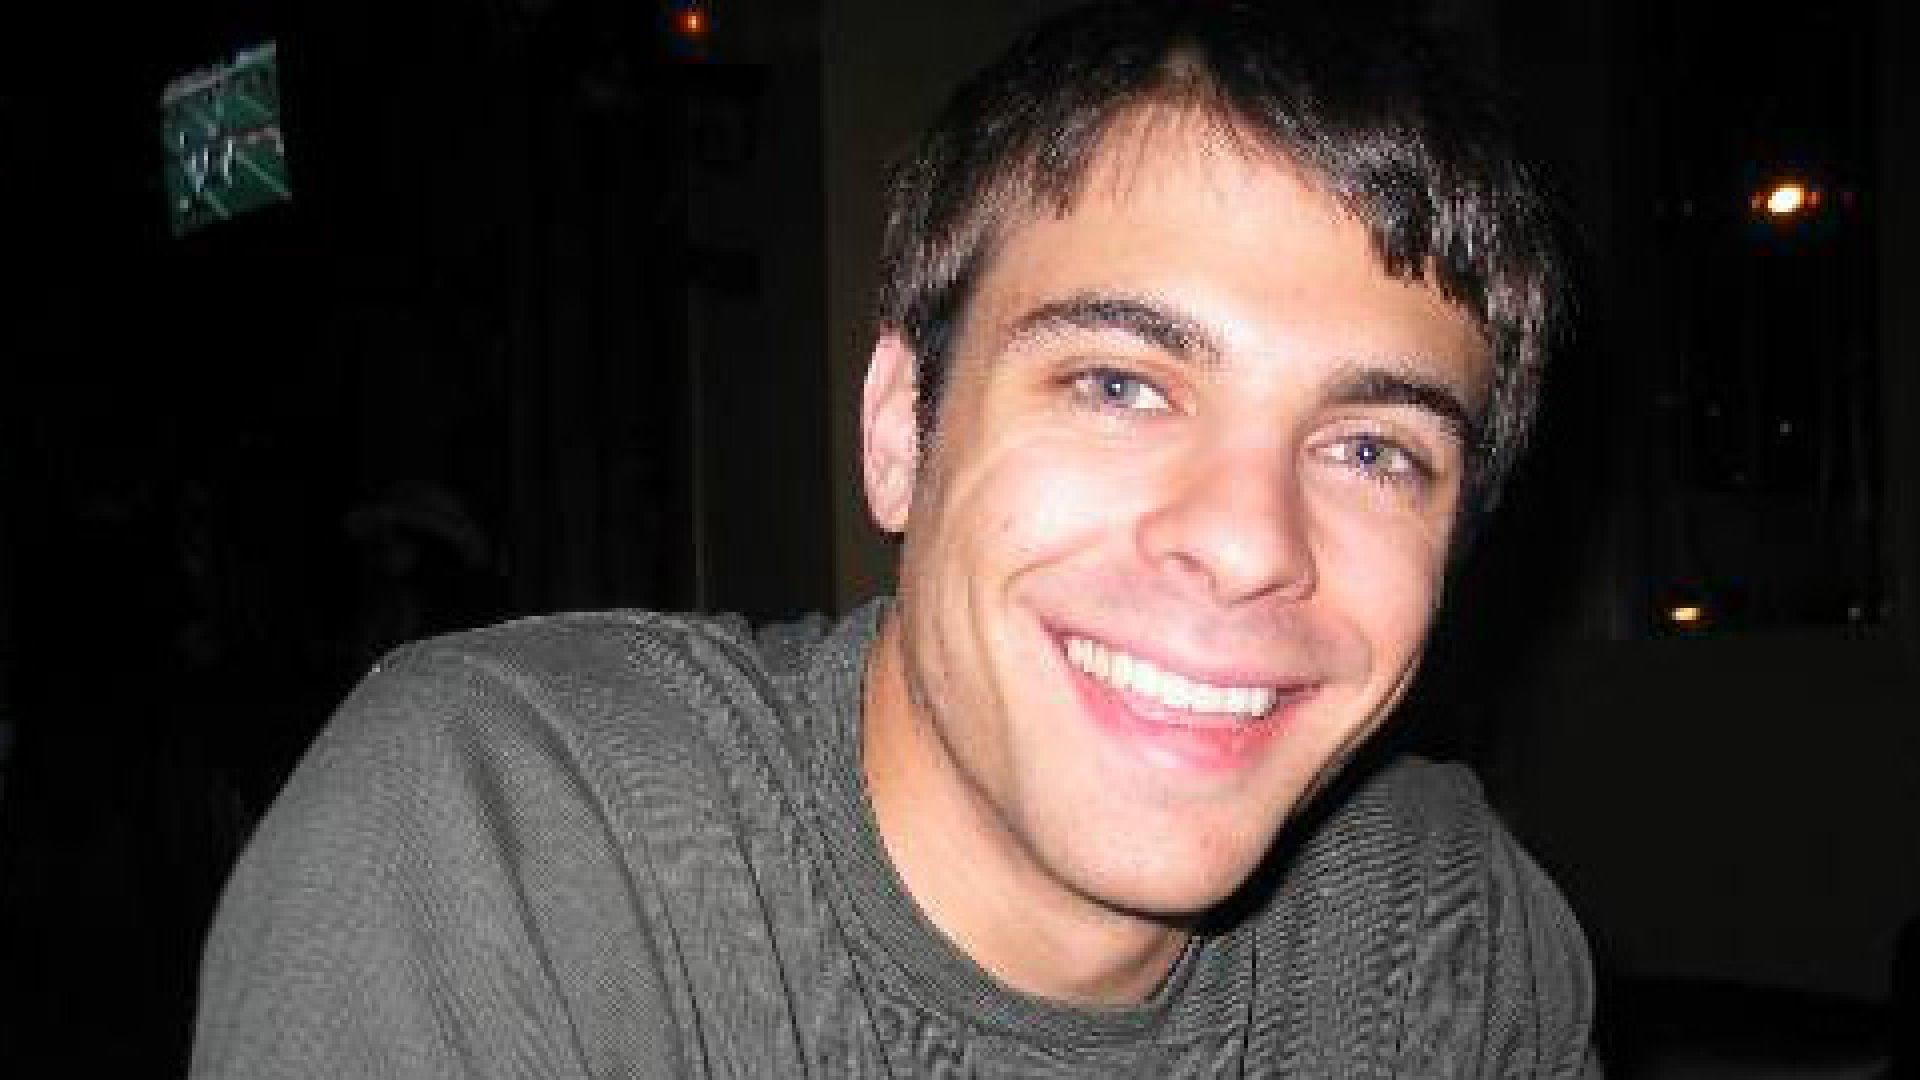 Audiogalaxy founder Michael Merhej.